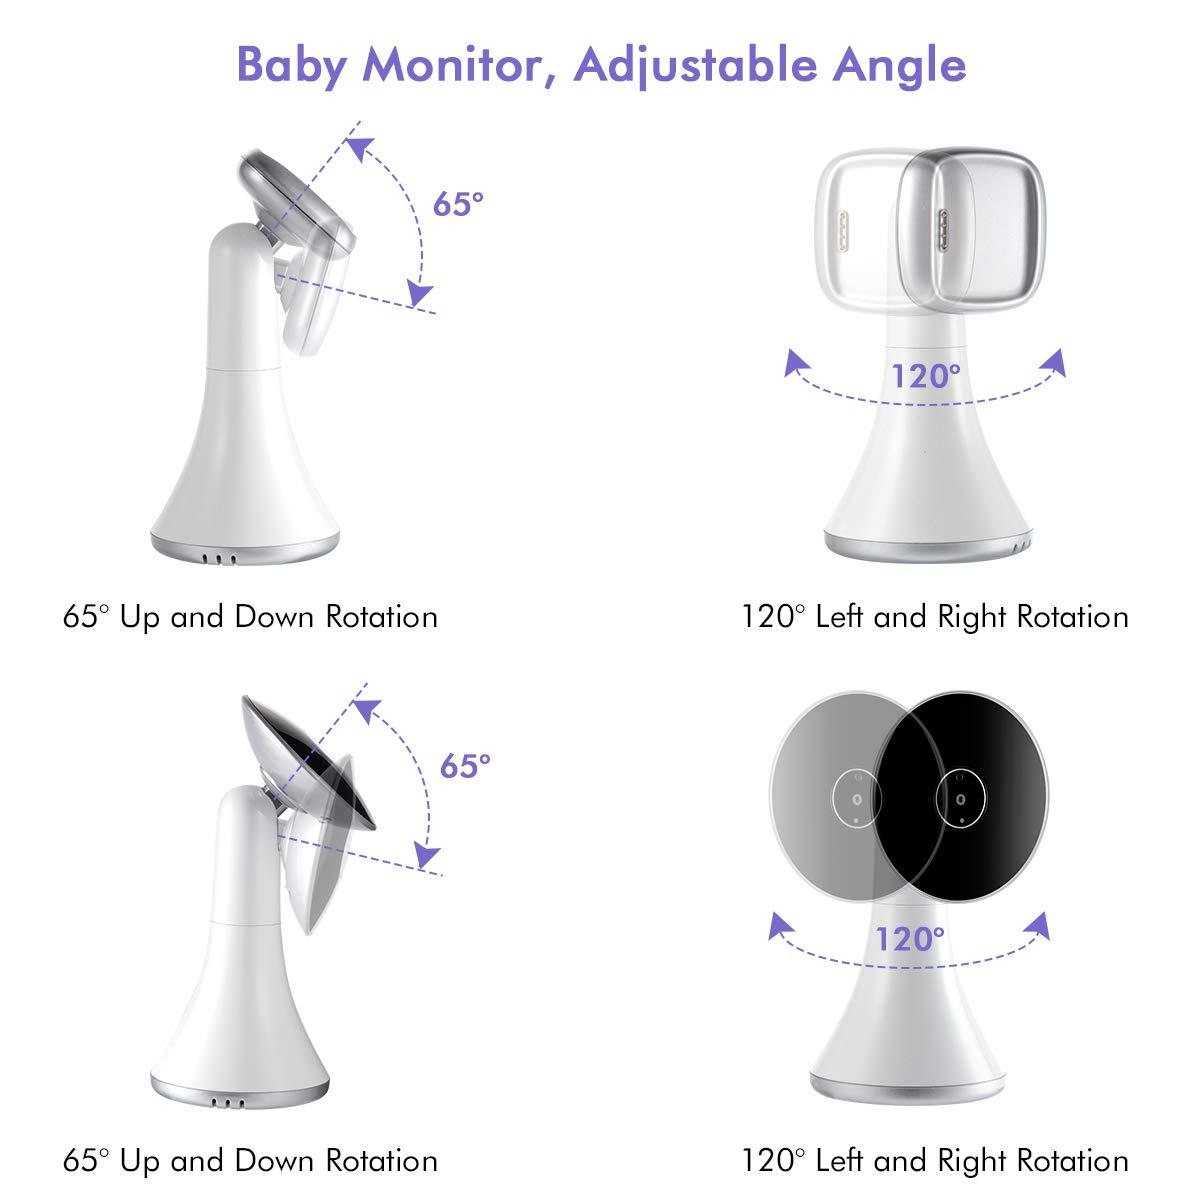 visi/ón nocturna fecha c/ámara port/átil HD con altavoz Monitor para beb/és monitor inal/ámbrico para beb/és digital de 2.4 GHz con funci/ón VOX temperatura ambiente alcance hasta 260m hora alarma